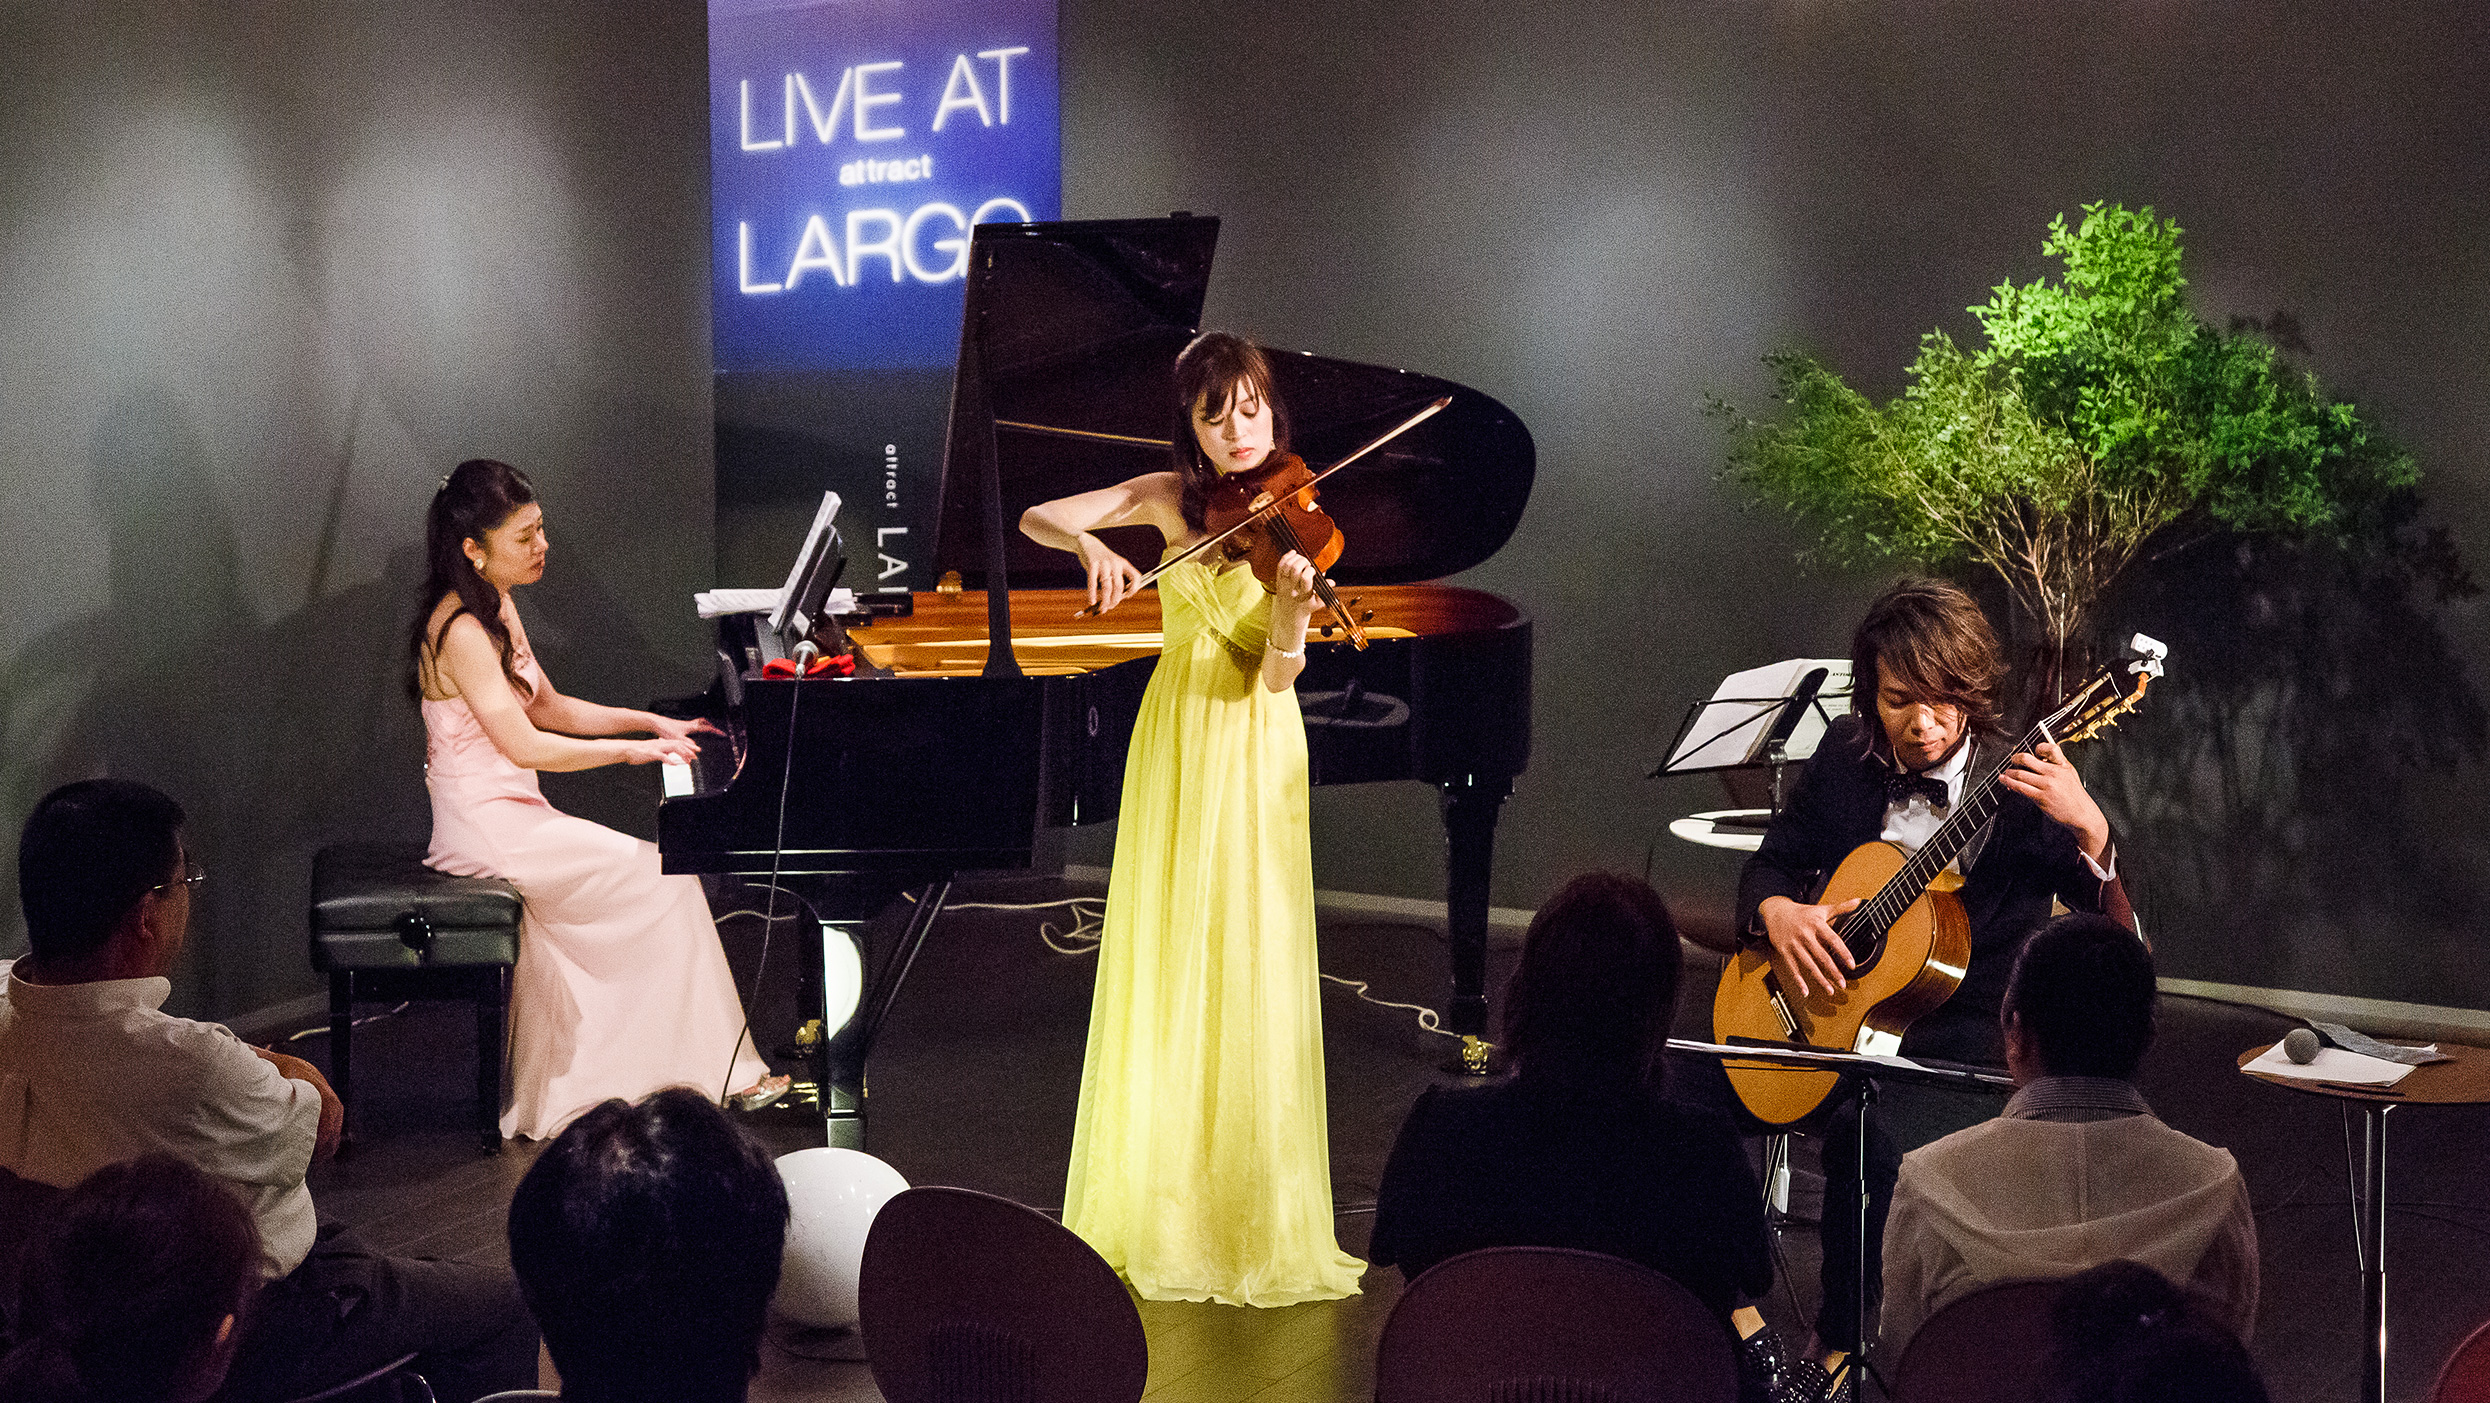 LIVE at attract LARGO(ライブ at アトラクト ラルゴ)